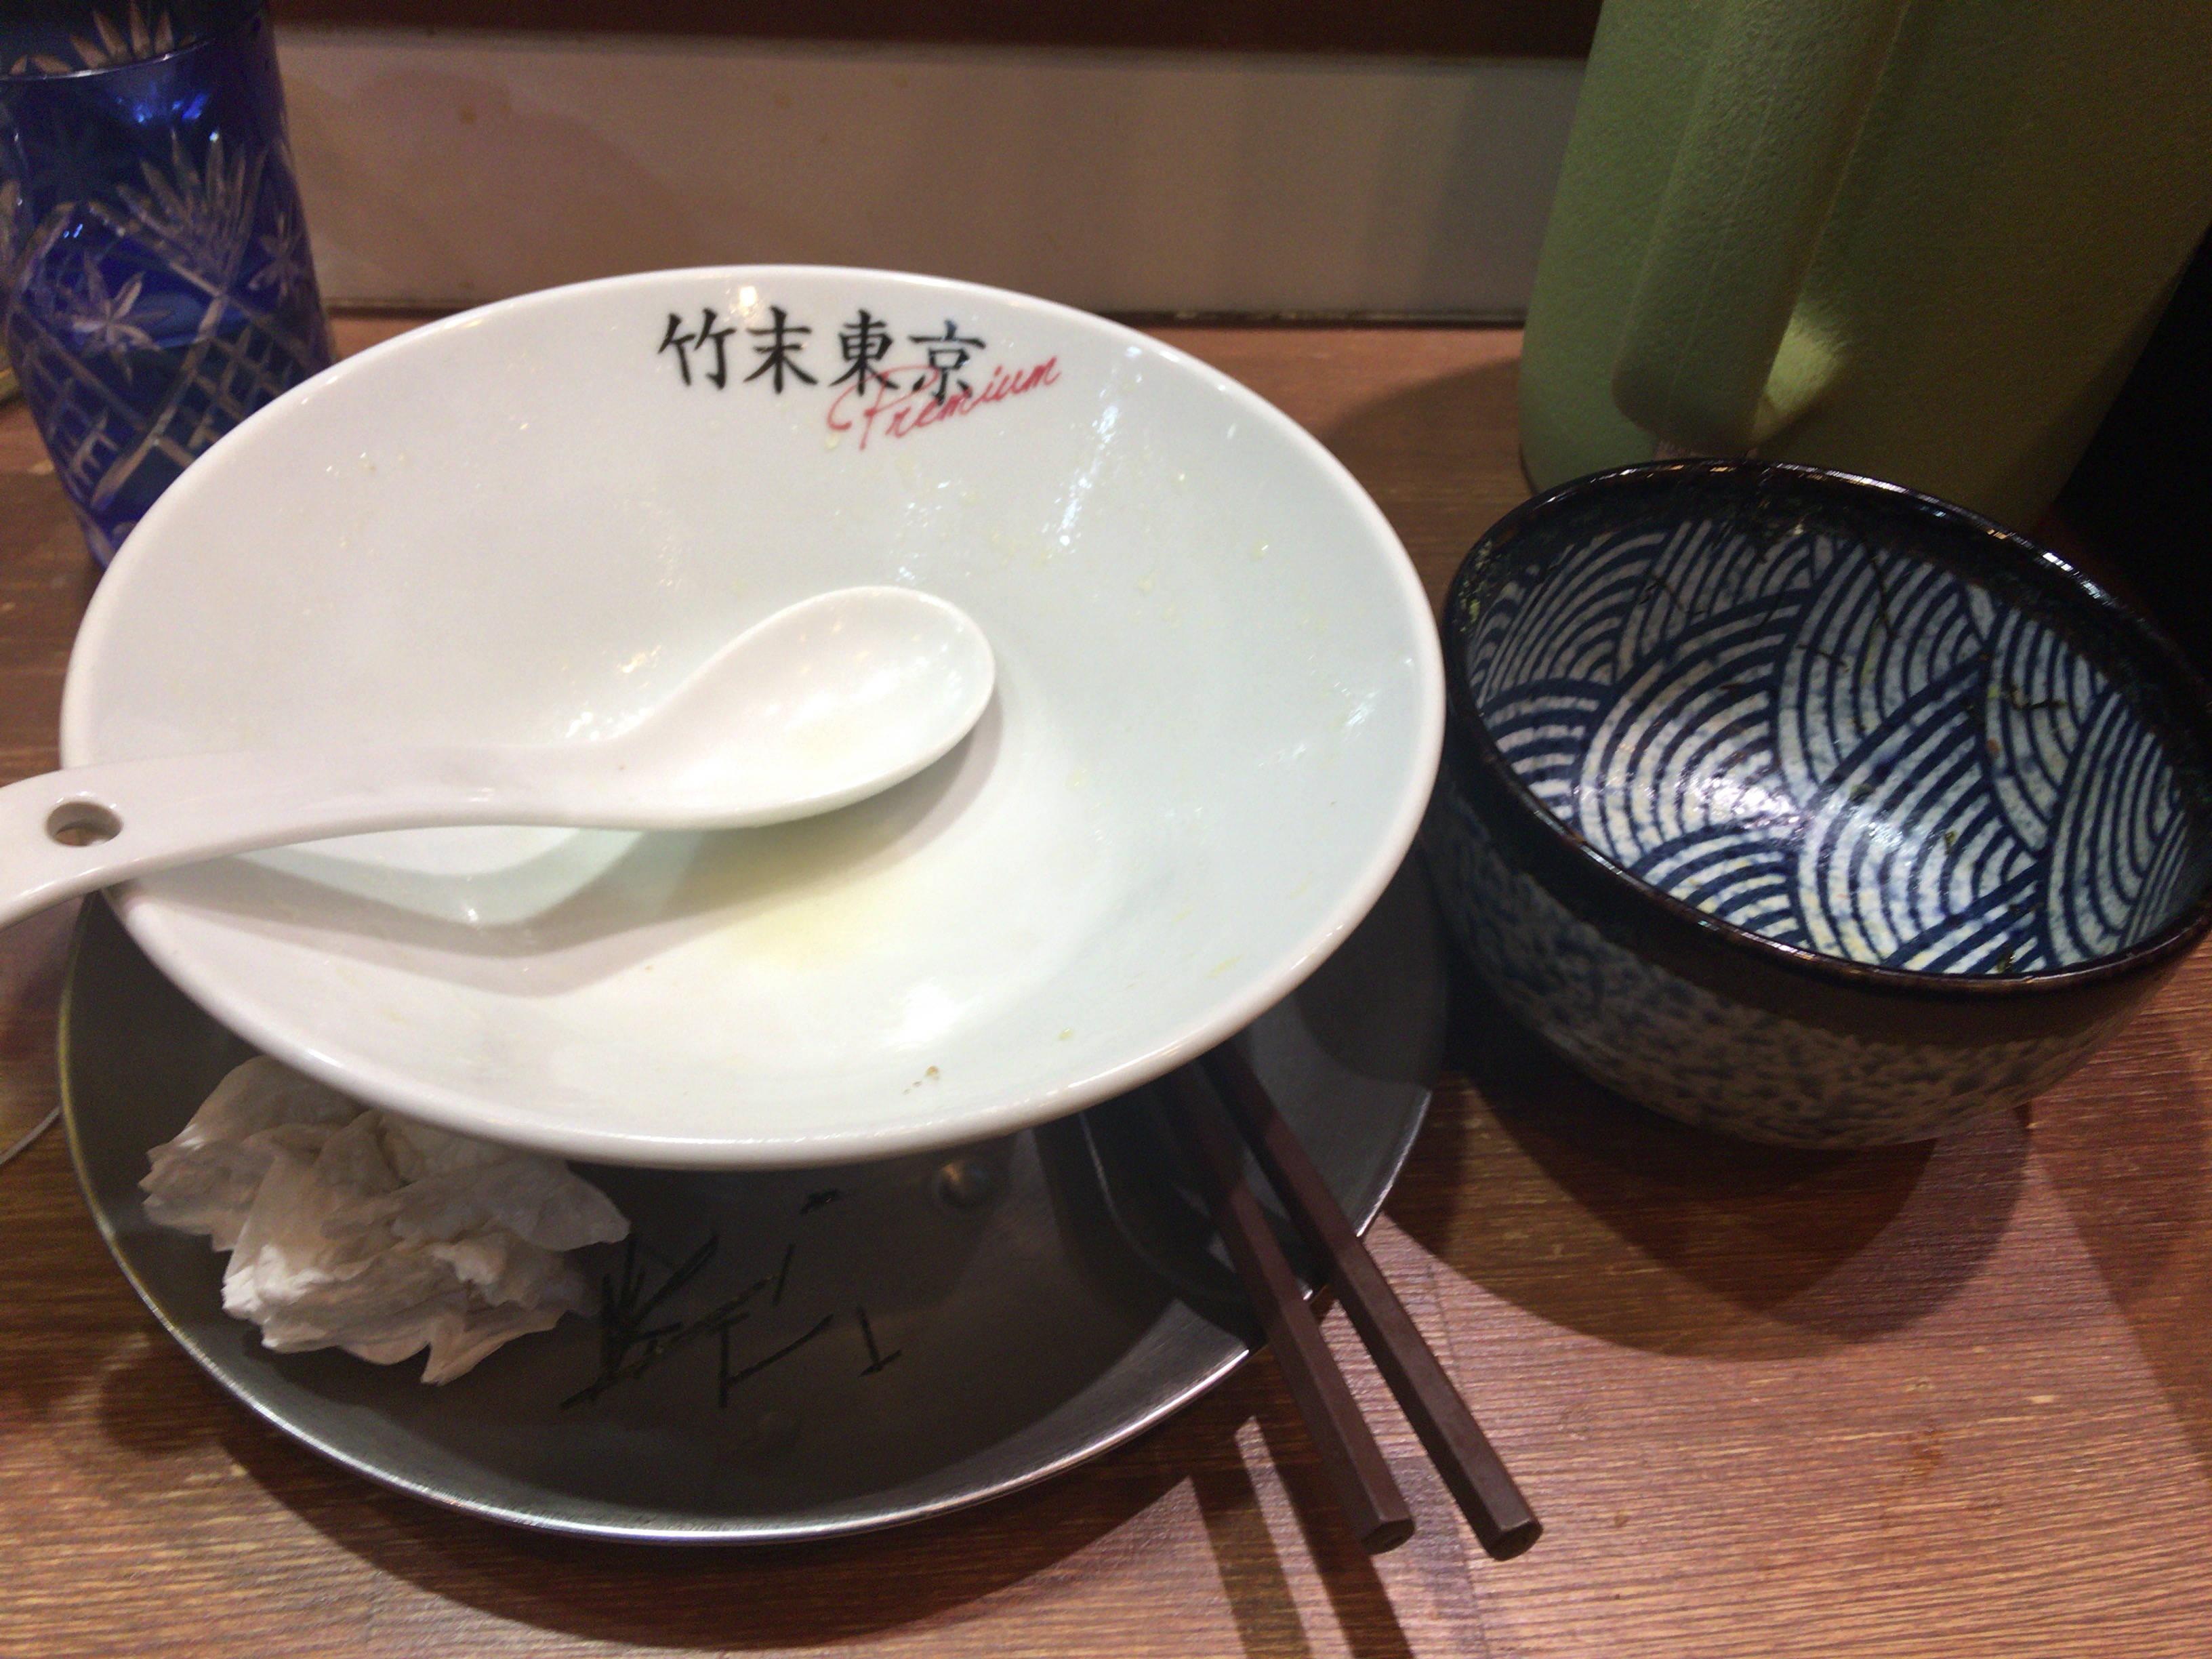 竹末東京プレミアムの塩そば800円 と肉玉丼(玉子抜き)食べ終えた丼